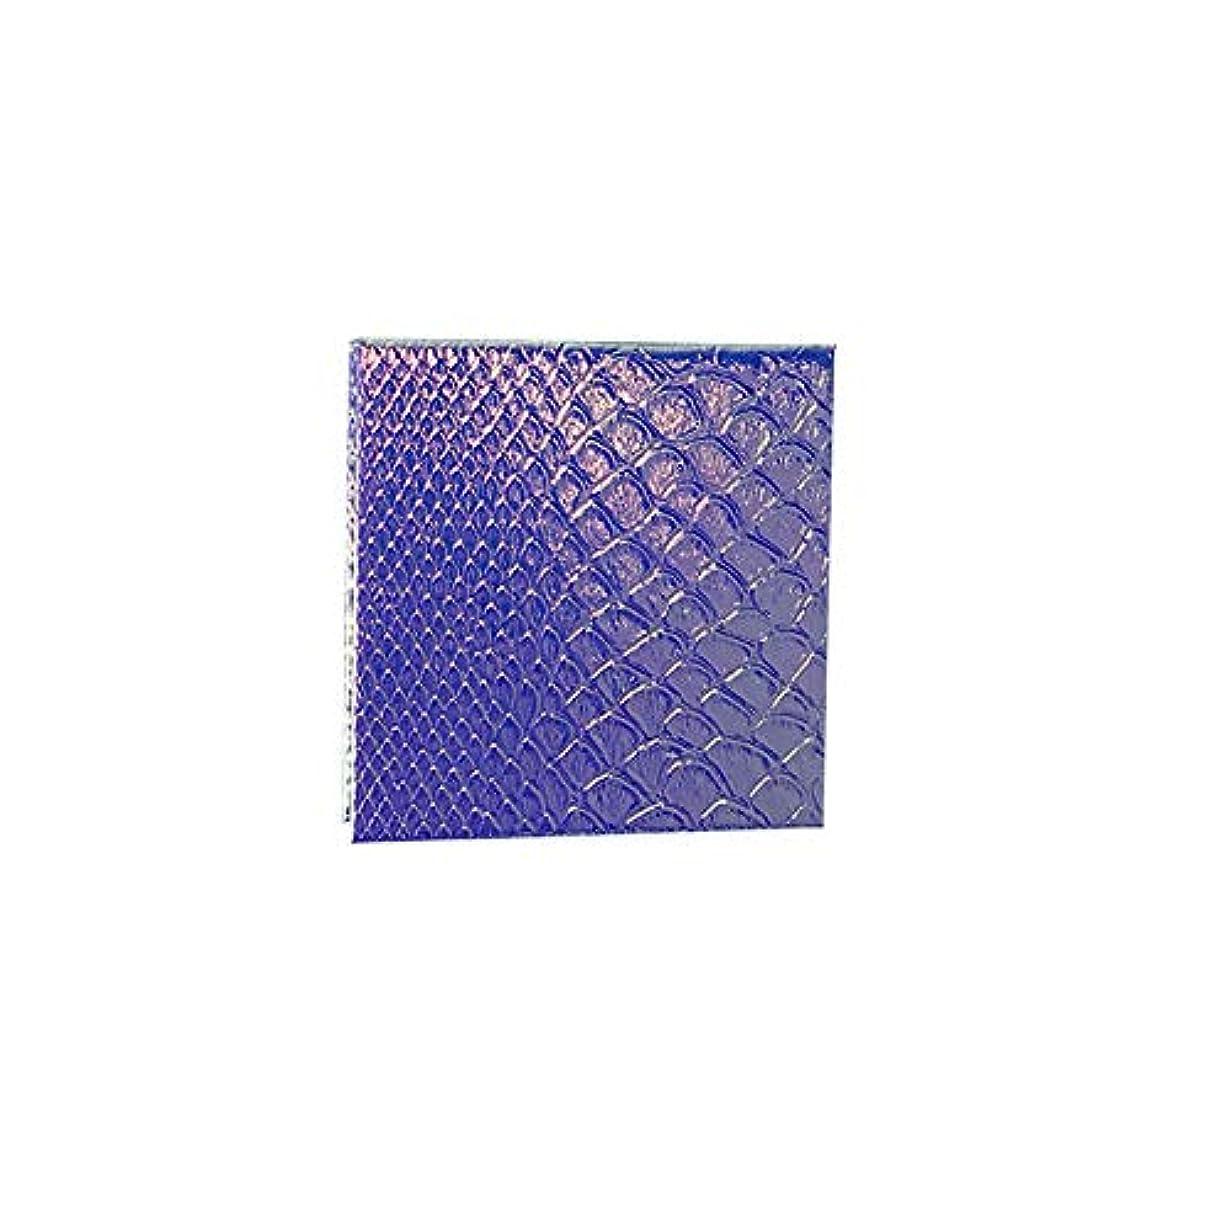 はさみ冒険恥空の化粧アイシャドーパレット磁気空パレット接着剤空のパレット金属ステッカー空のパレットキット(S)